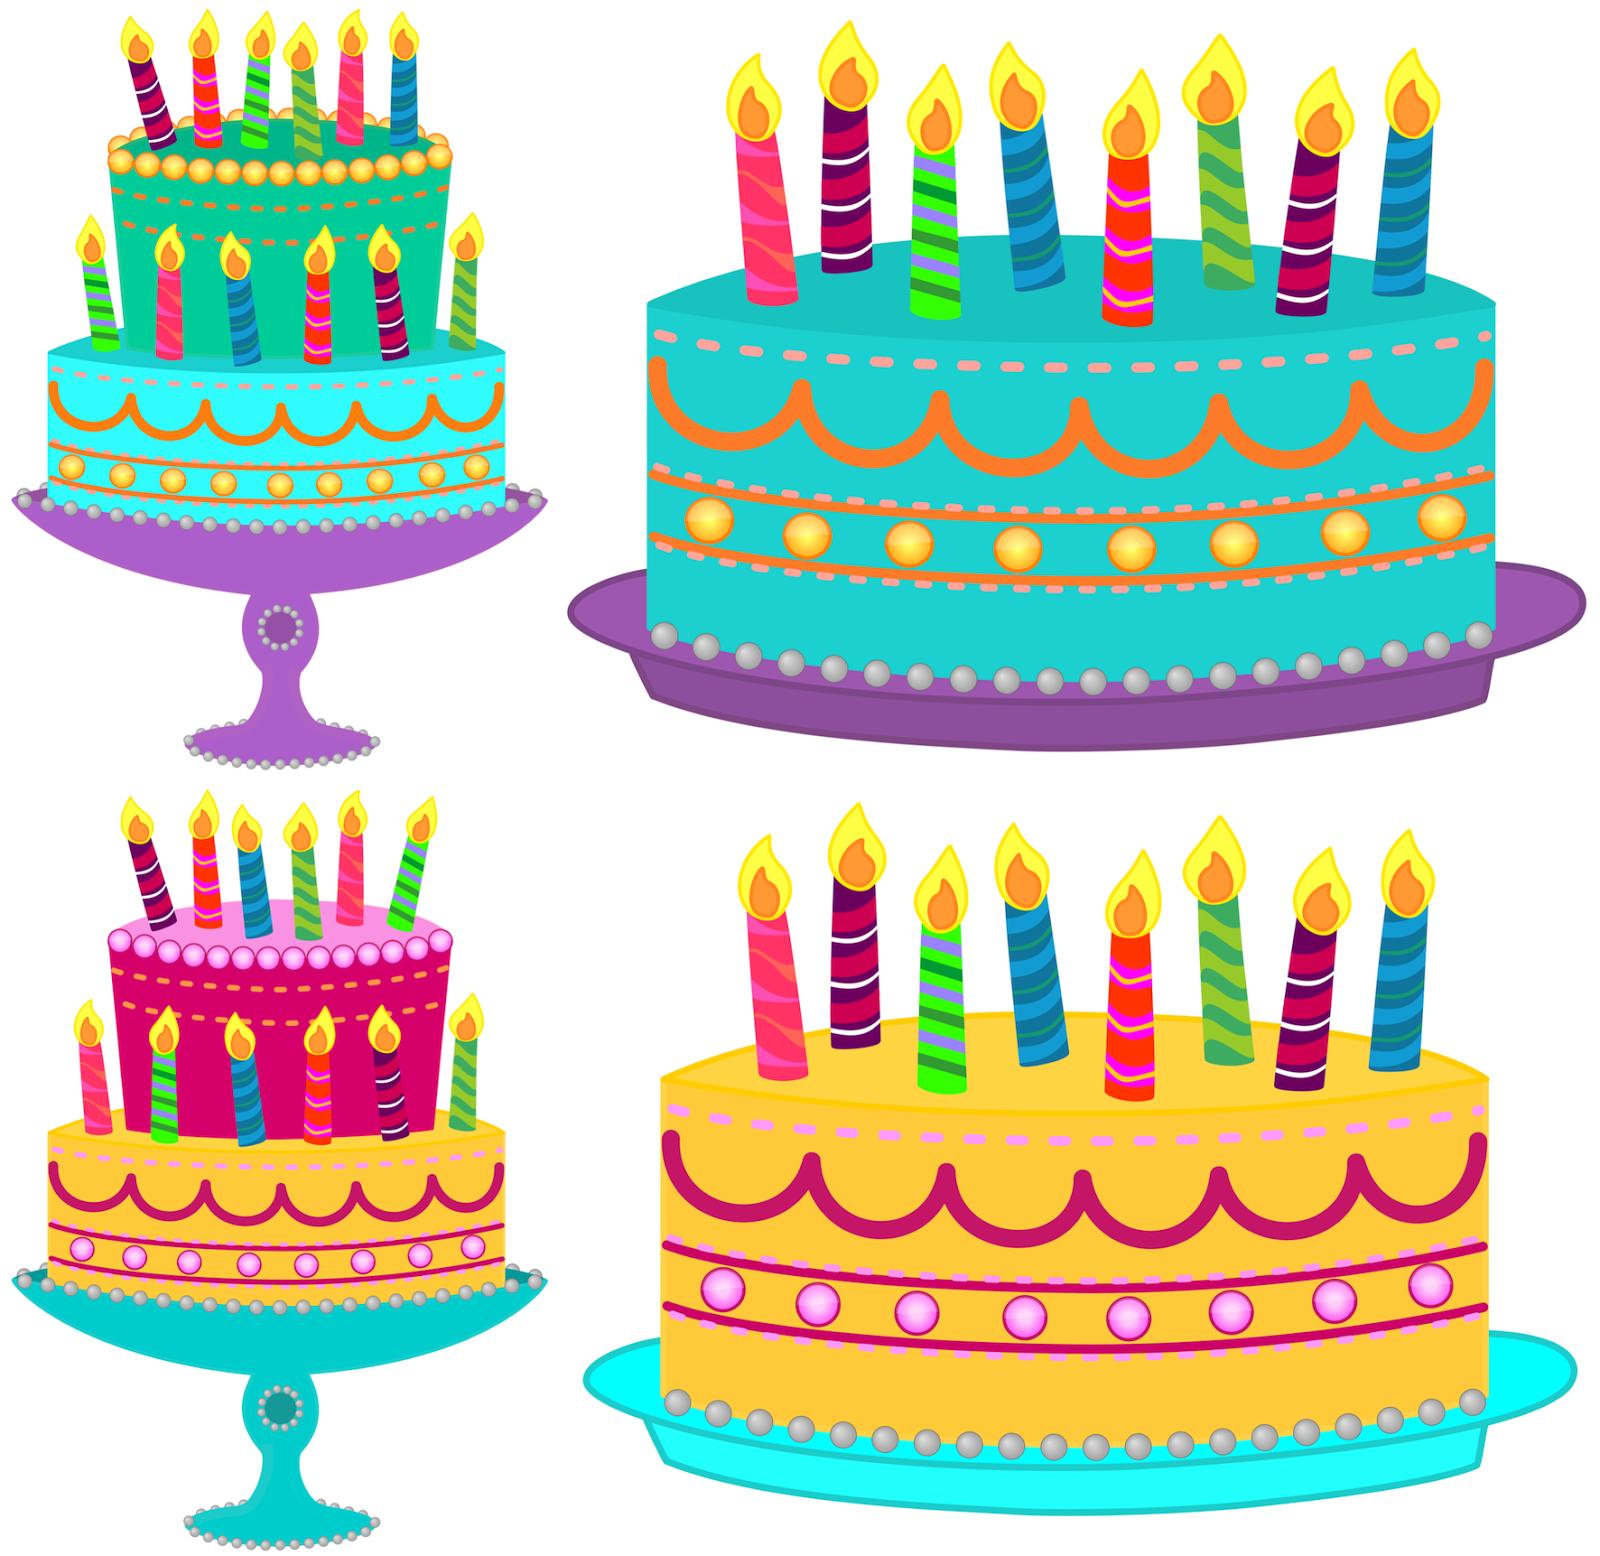 July birthday cake.